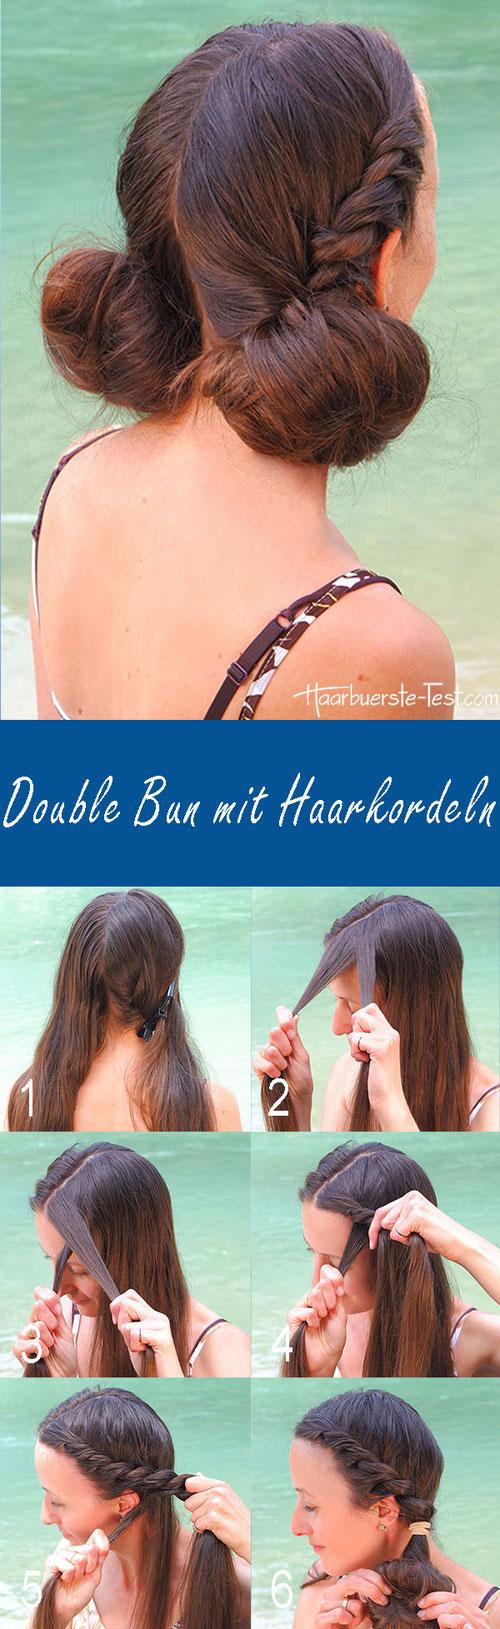 double Bun anleitung, double bun tutorial